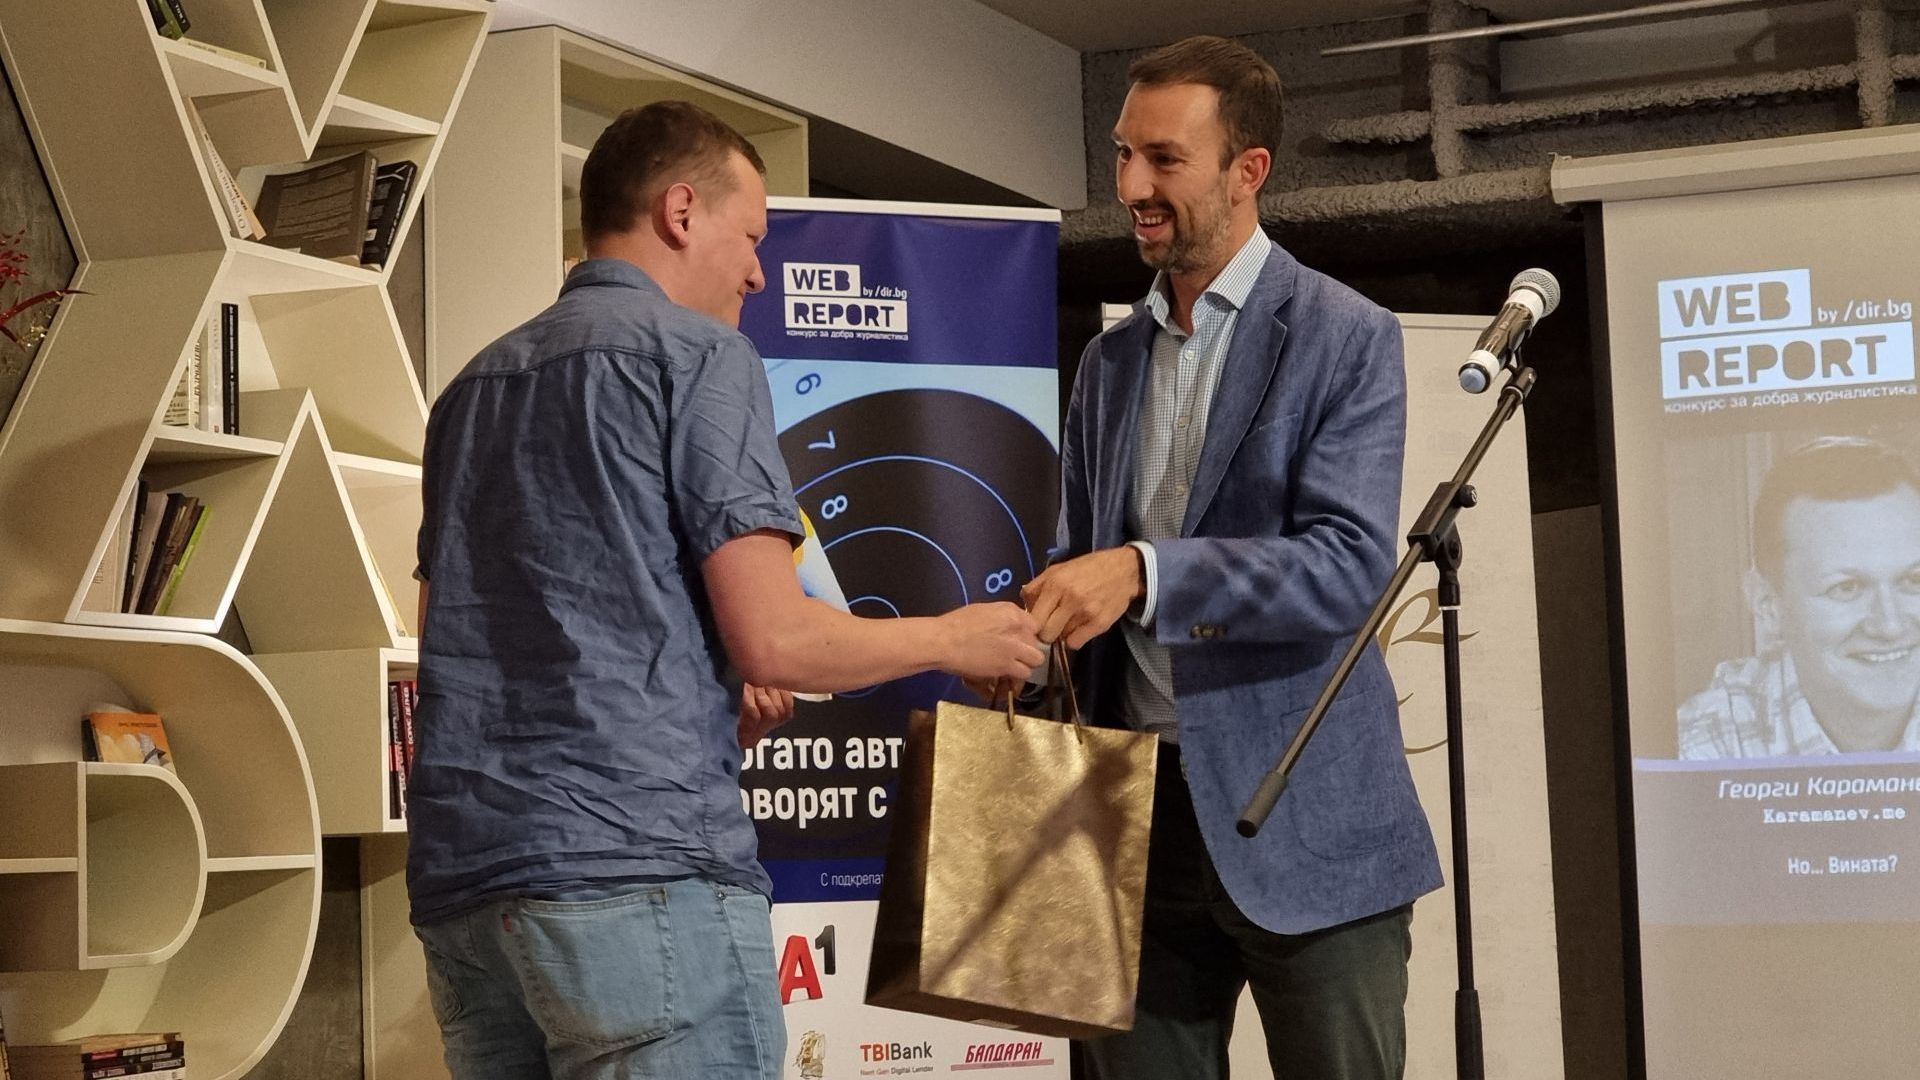 Георги Караманев получи наградата от Атанас Райков, старши директор за Европа и Близкия Изток на Viber.